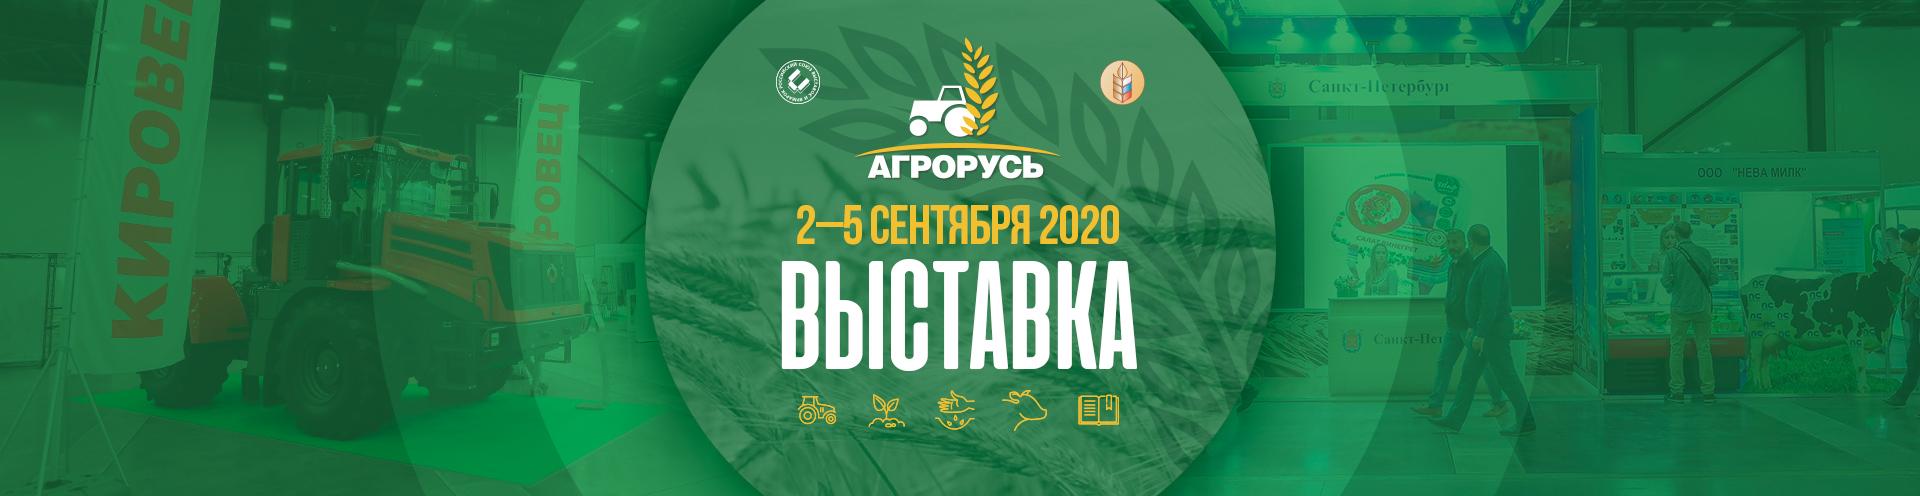 АГРОРУСЬ-2020. Актуальные проблемы и технологии цифровой трансформации сельского хозяйства